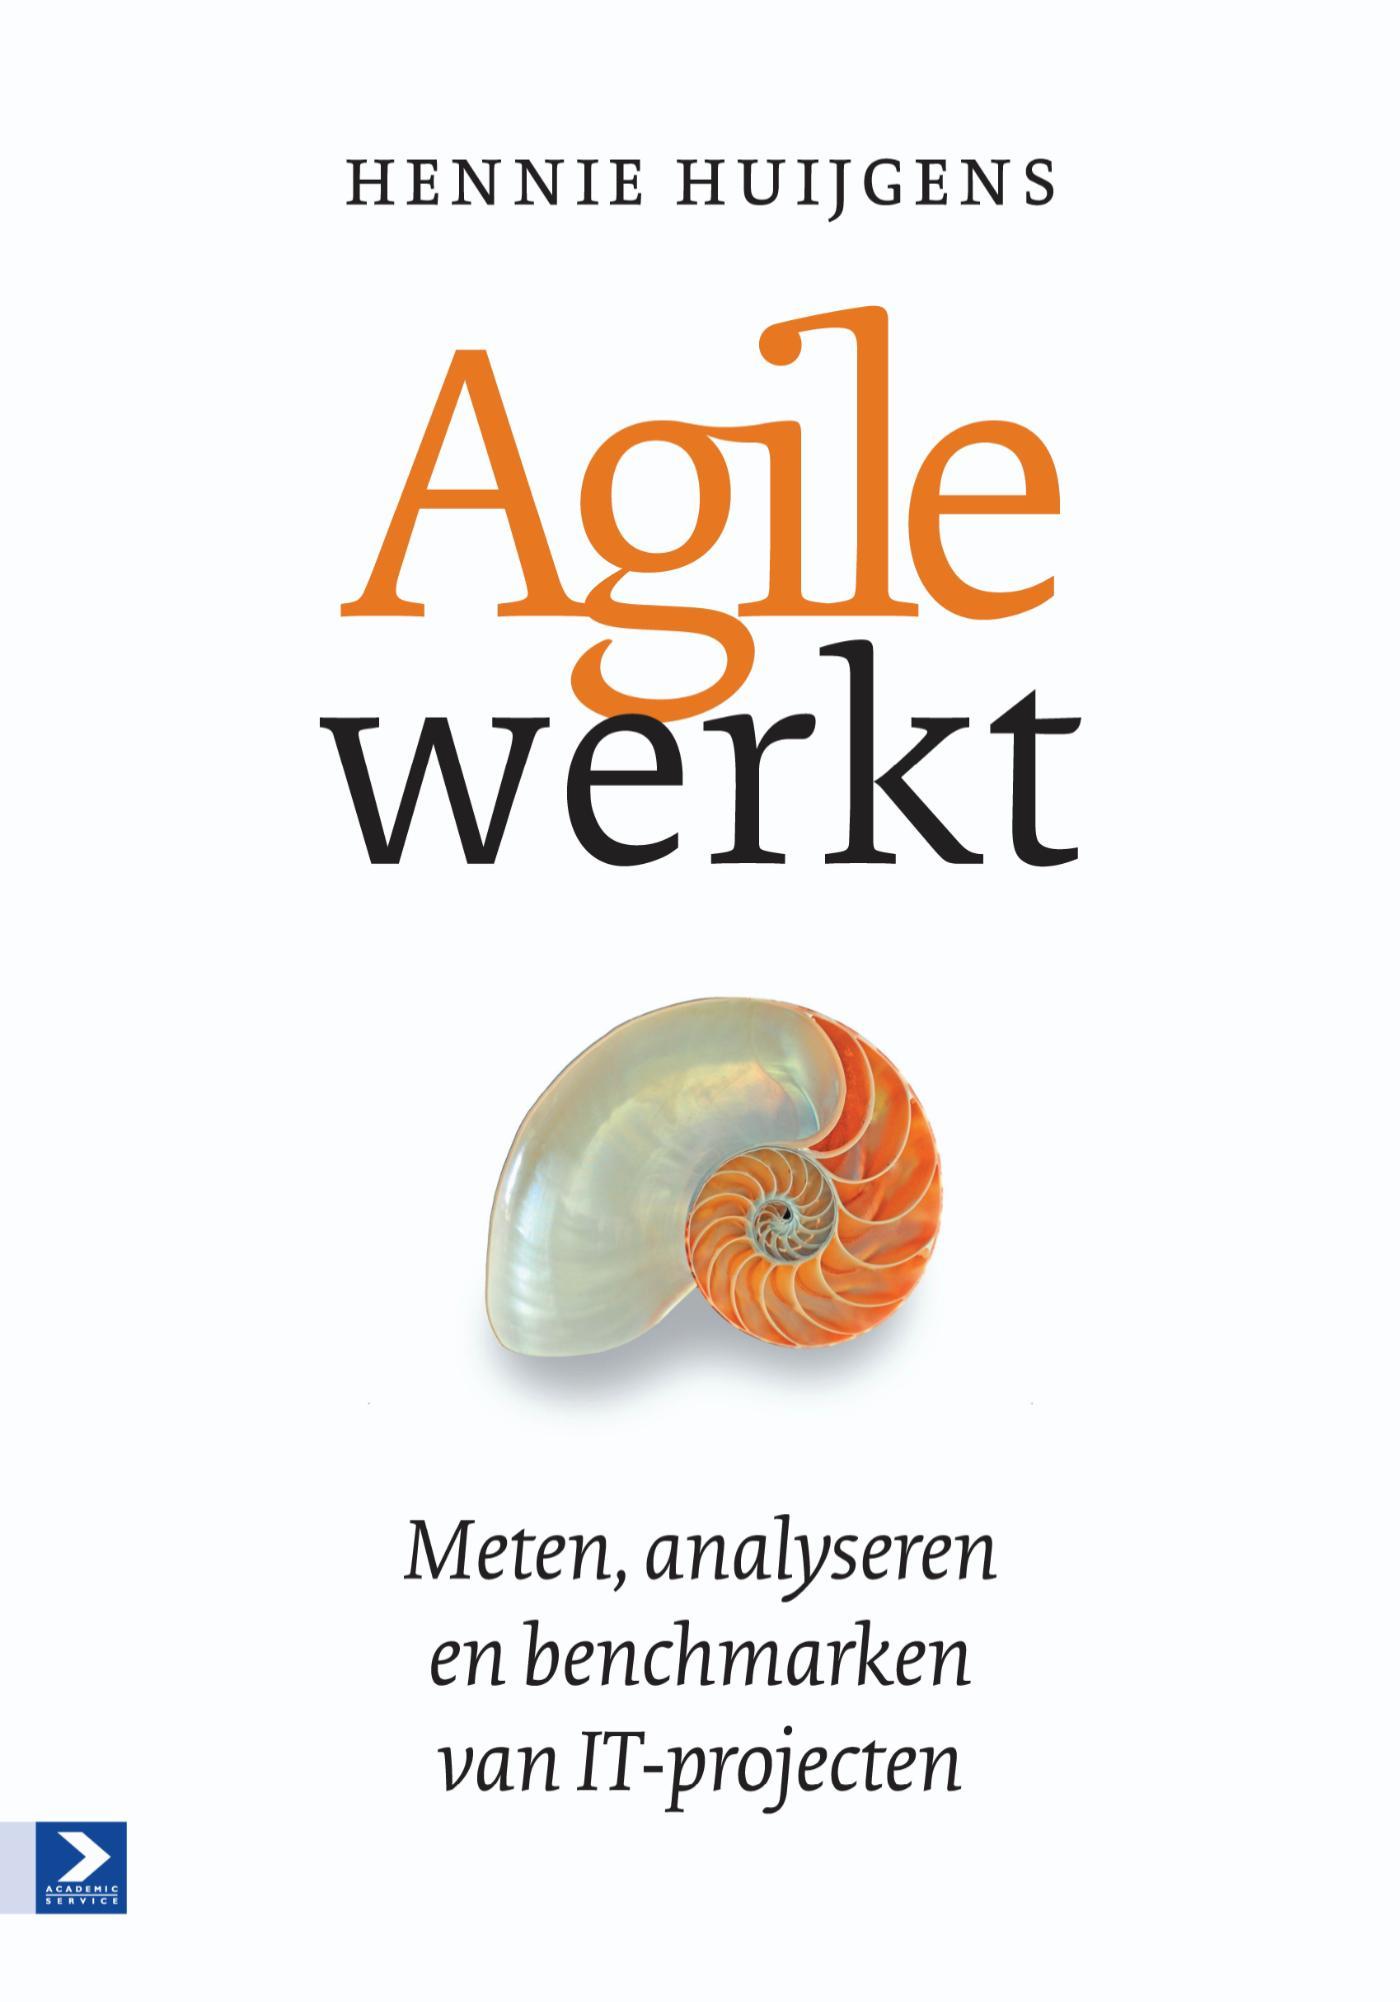 Agile werkt - Meten, analyseren en benchmarken van IT-projecten